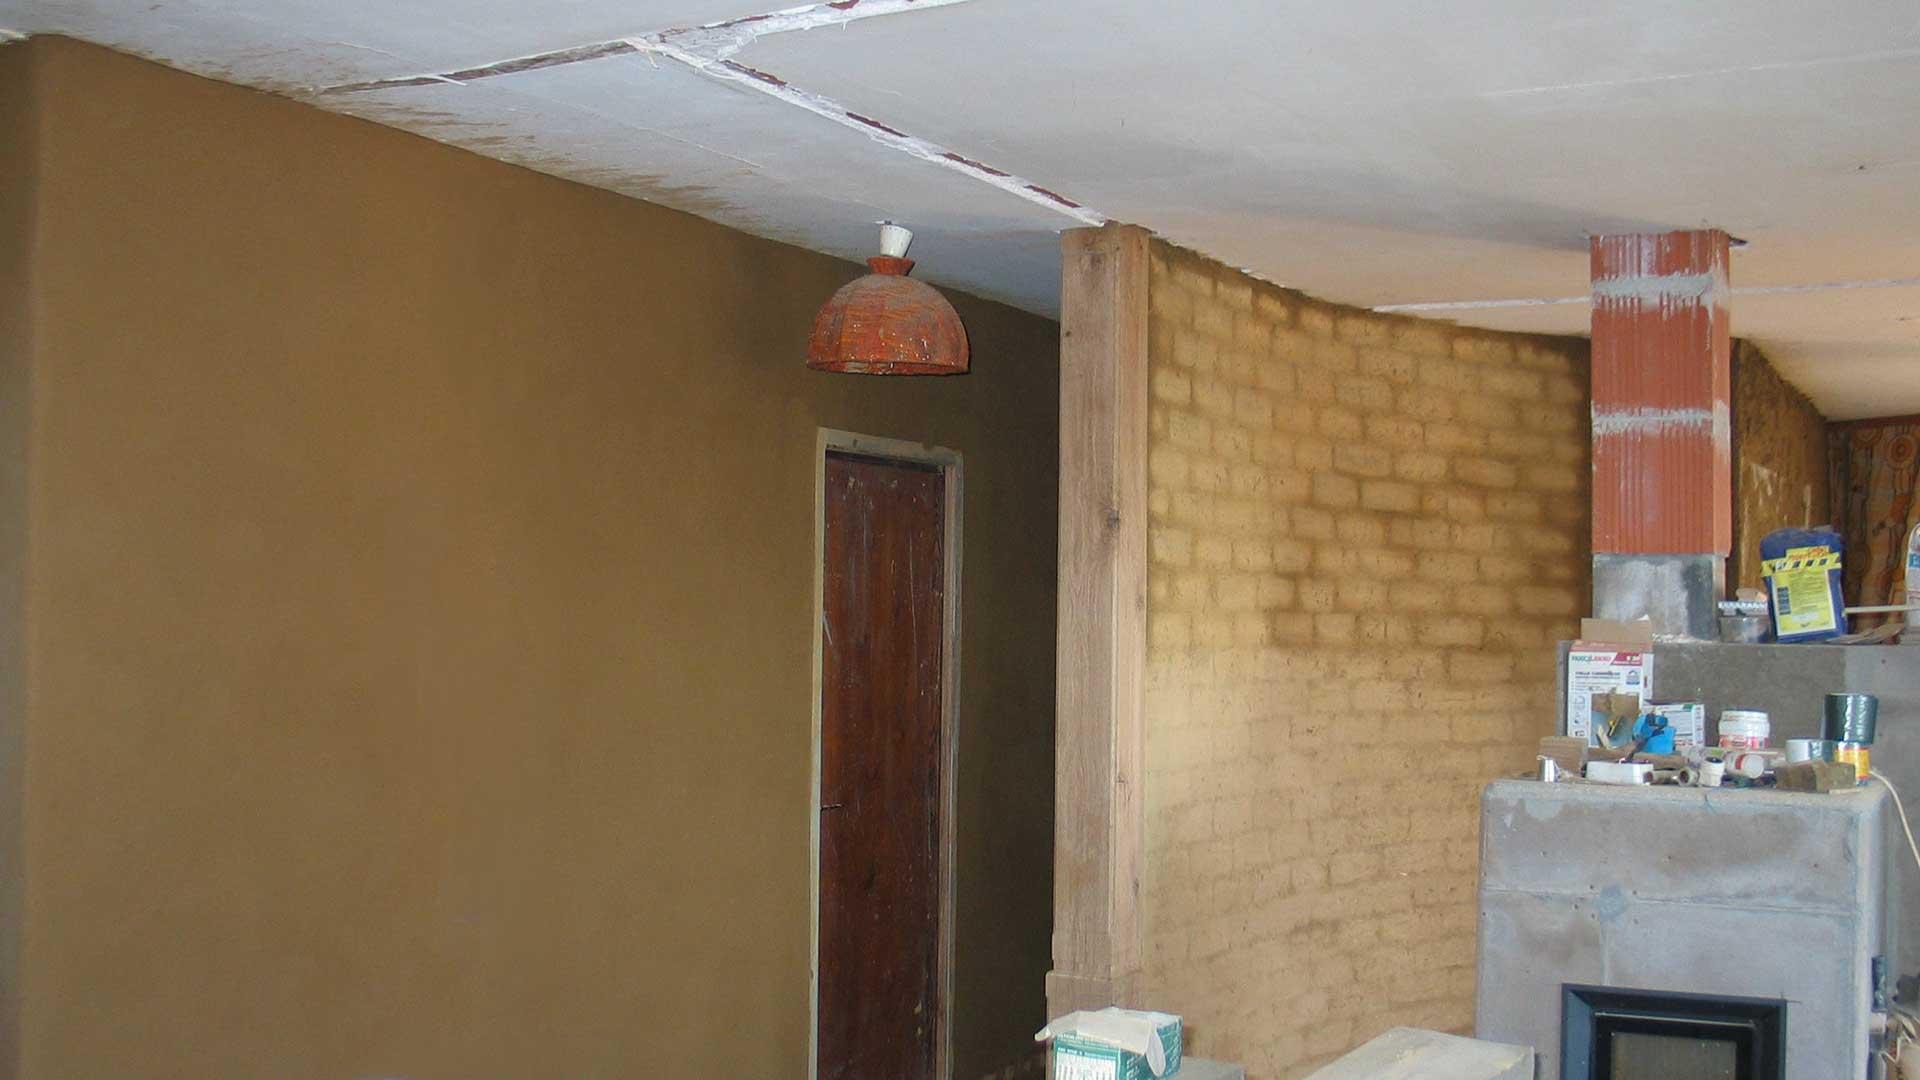 enduits et mur d 39 adobes ma onnerie terre crue pierre et chaux. Black Bedroom Furniture Sets. Home Design Ideas